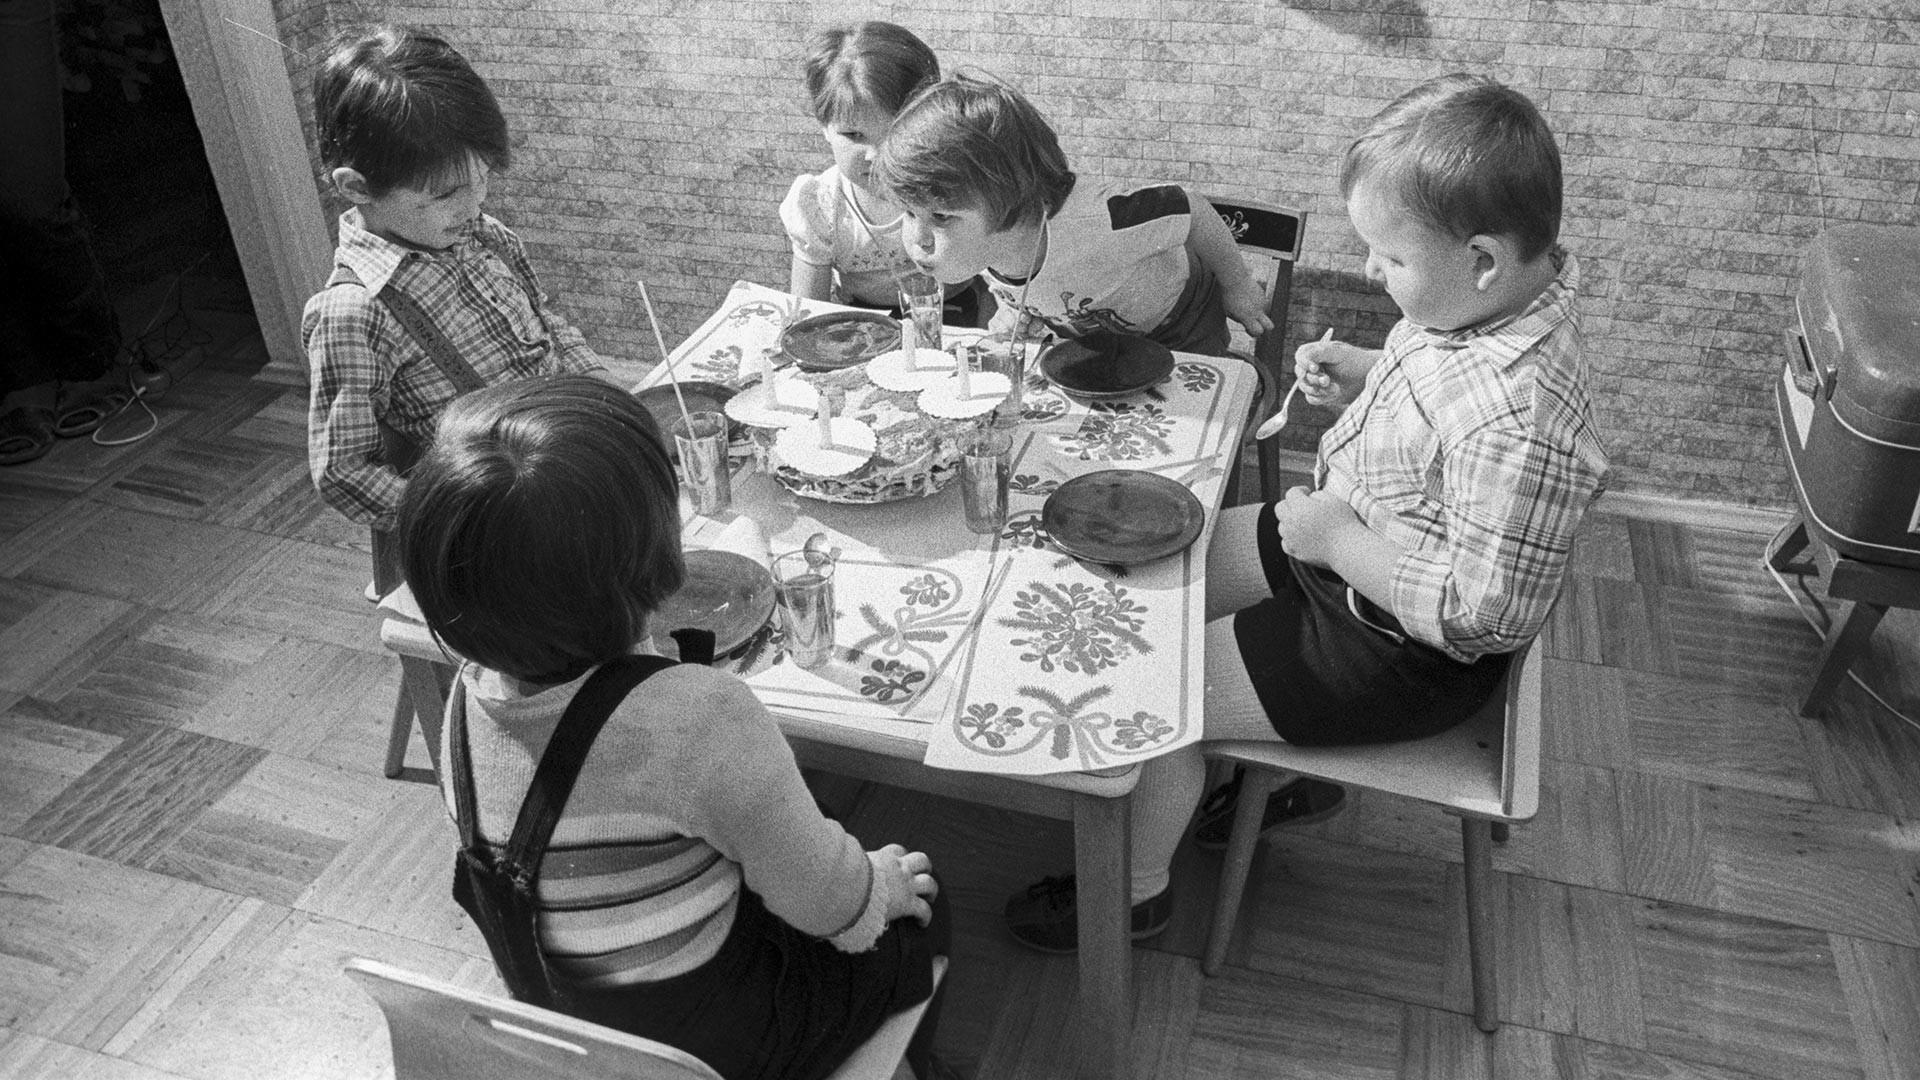 El típico cumpleaños de un niño en la URSS era así.